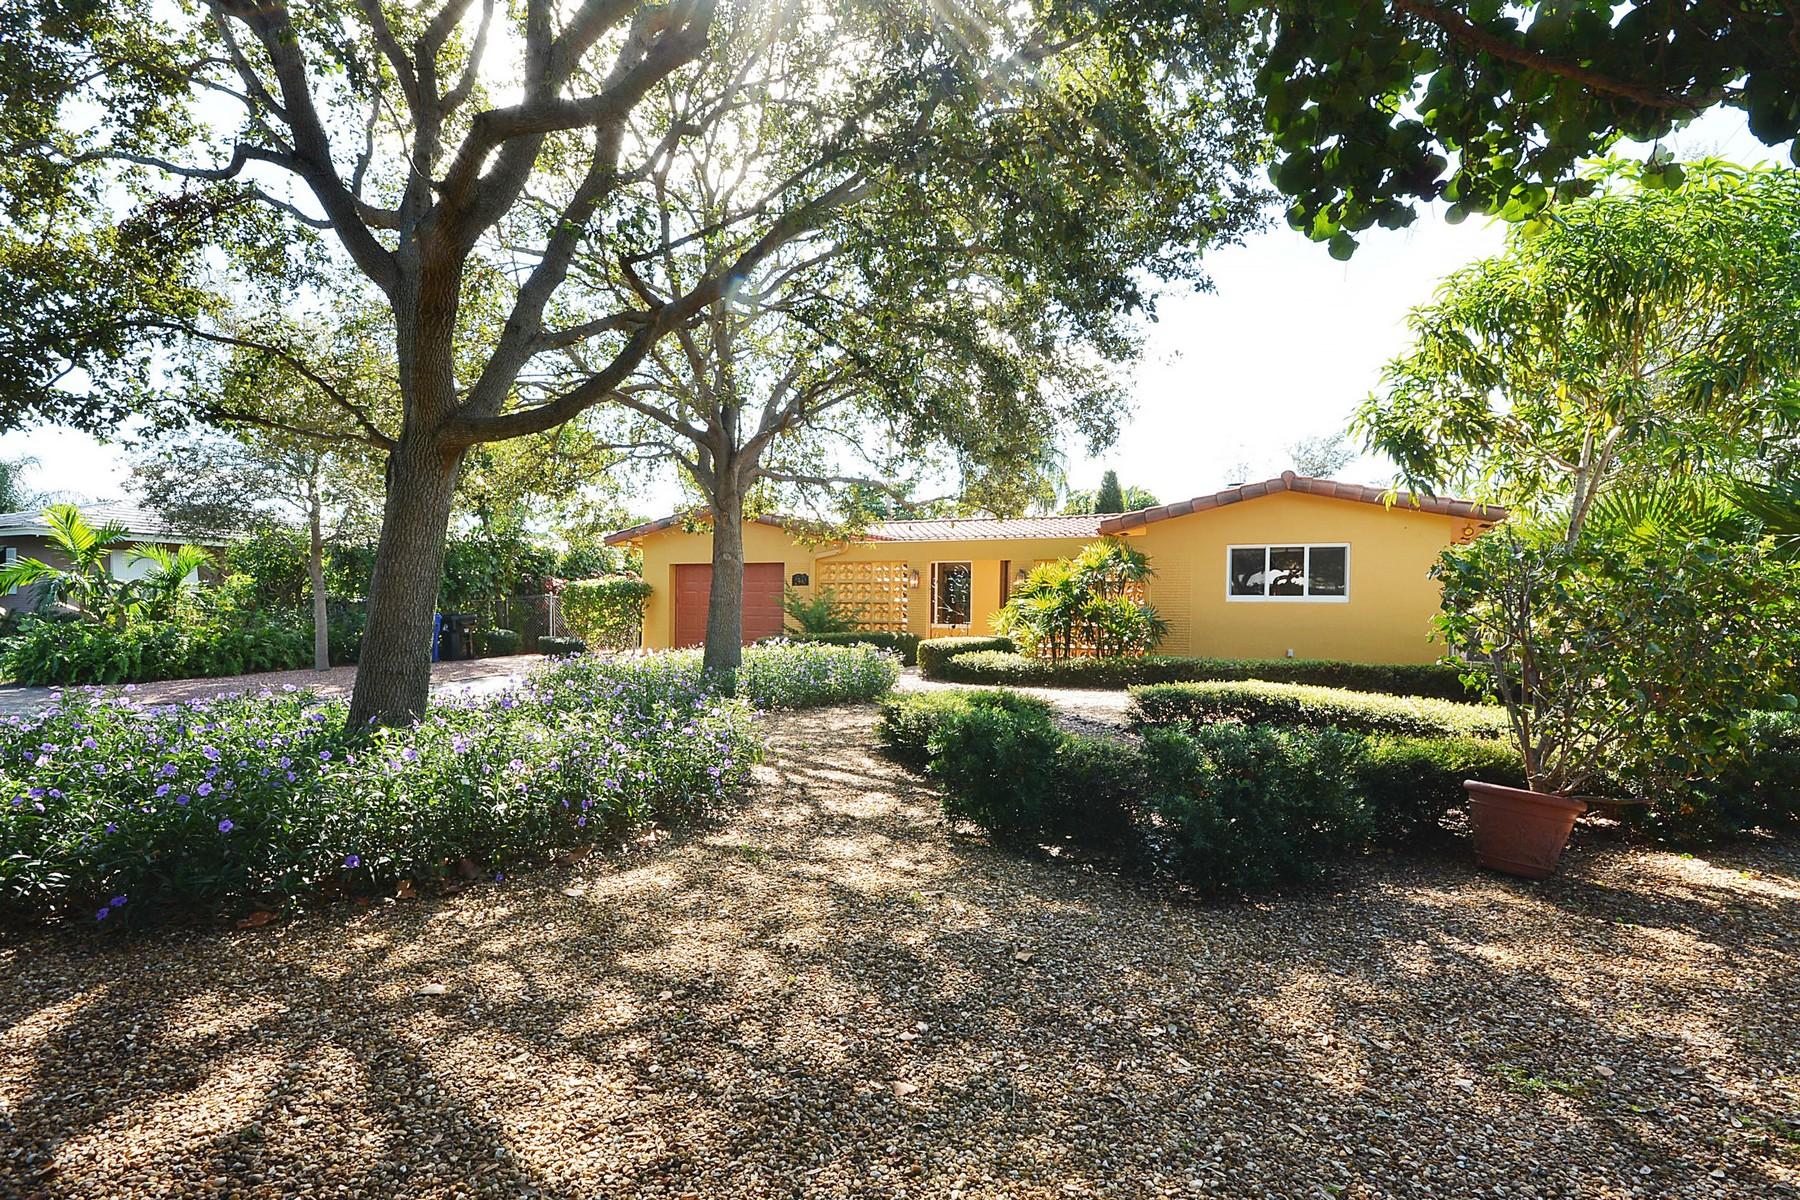 独户住宅 为 销售 在 2590 NE 42nd St. 劳德代尔堡, 佛罗里达州 33308 美国